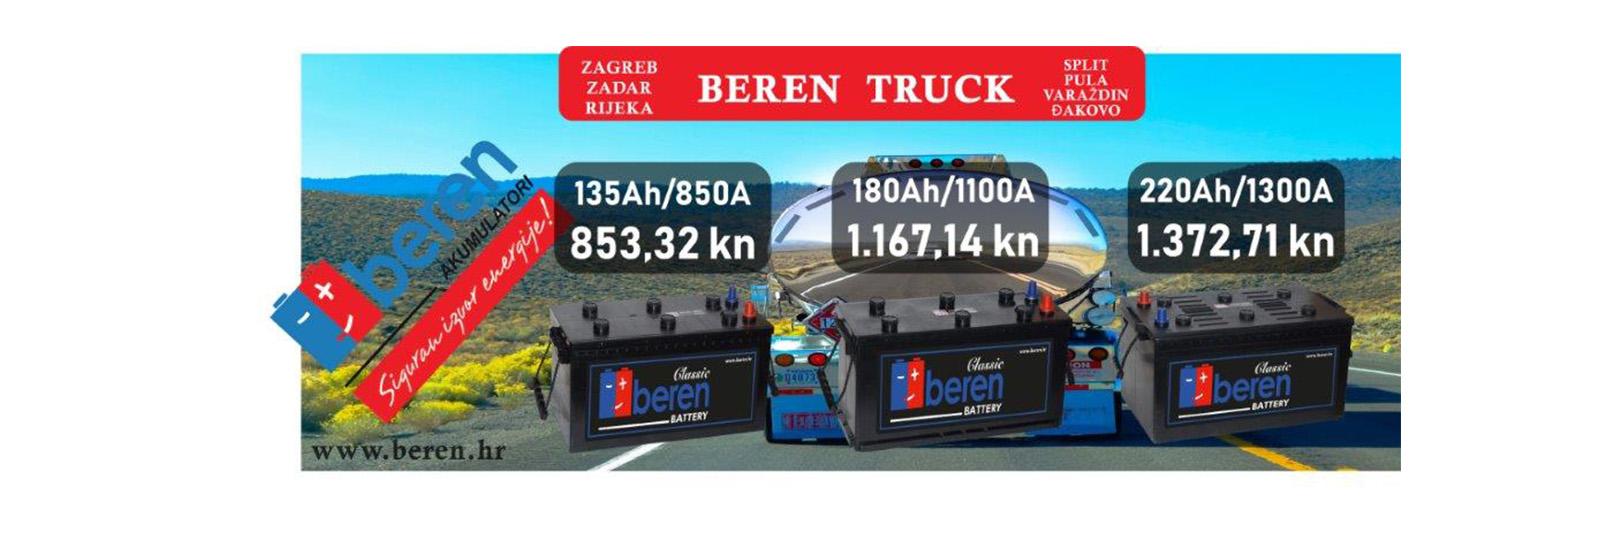 Beren_truck